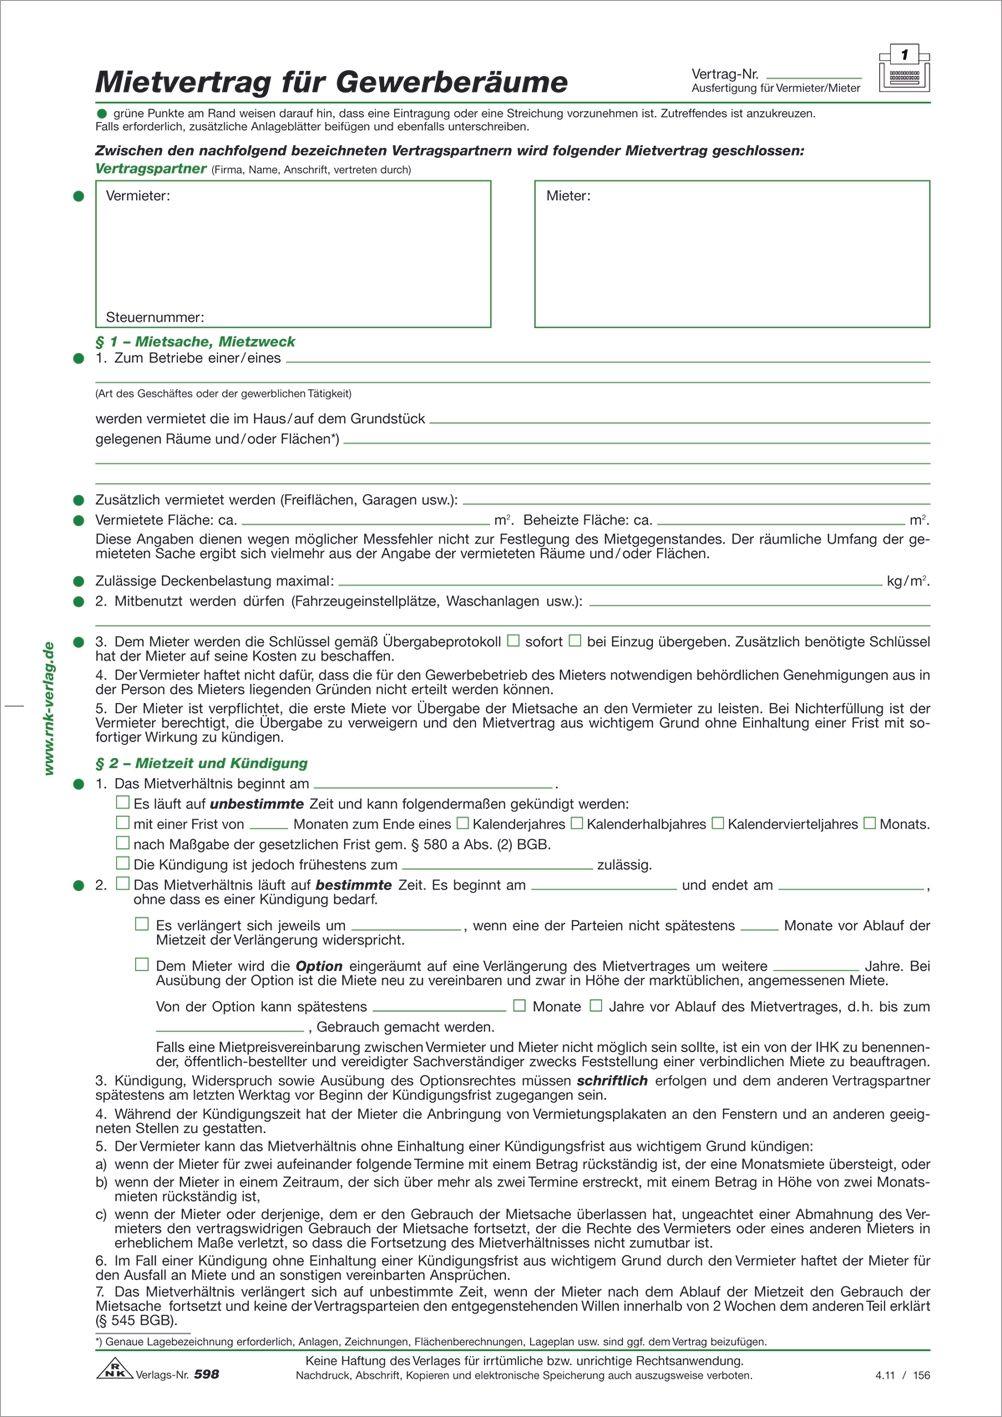 Rnk Verlag 59810 Mietvertrag Für Gewerberäume 6 Seiten Gefalzt